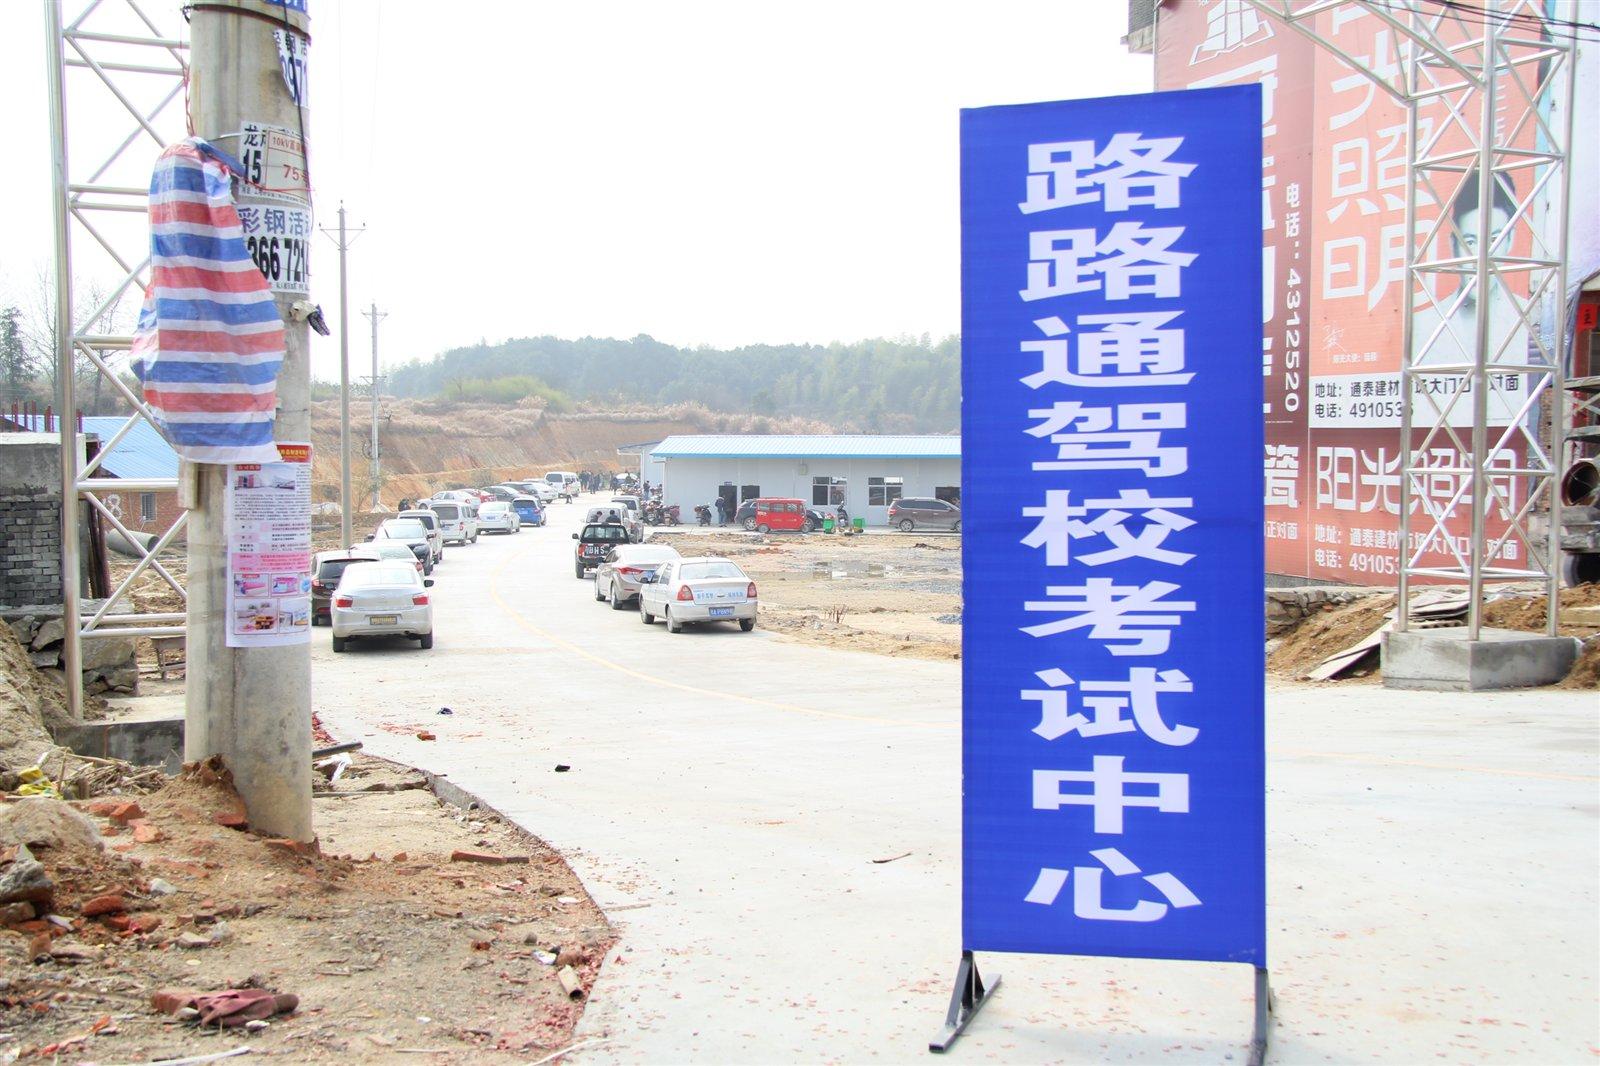 路路通驾校考试中心经咸宁市交警大队批准已正式开考,具有正规资质.